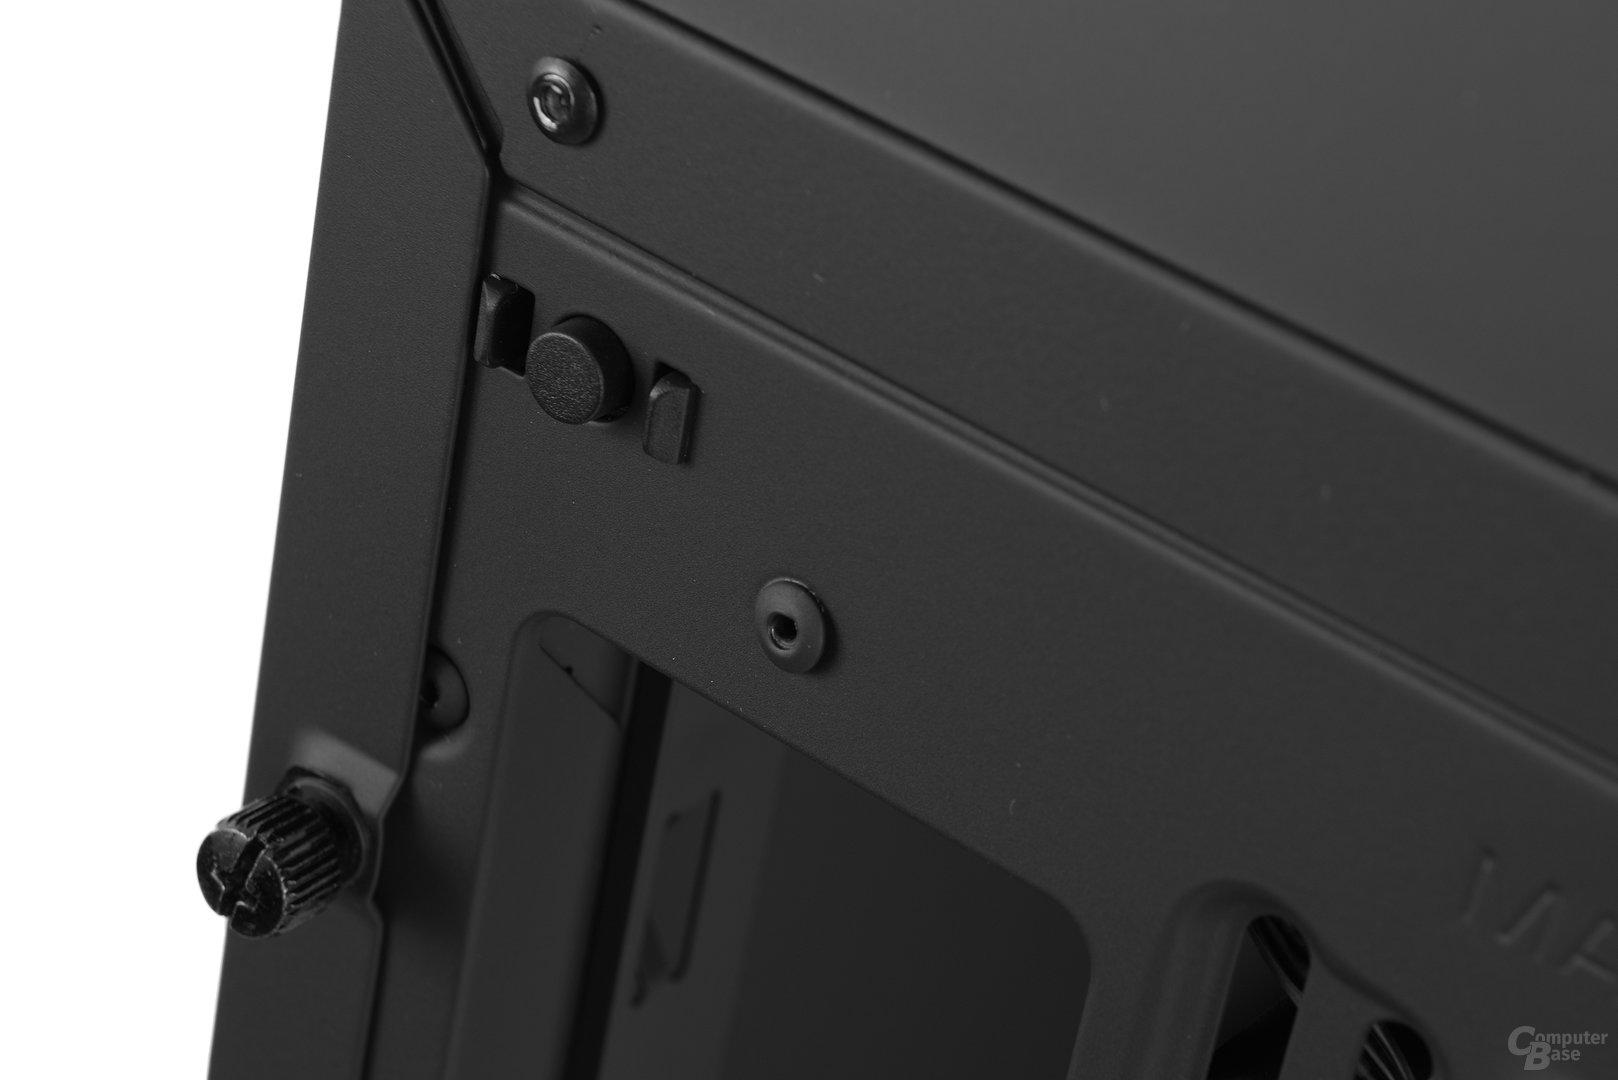 NZXT Noctis 450 – LED-Schaltknopf